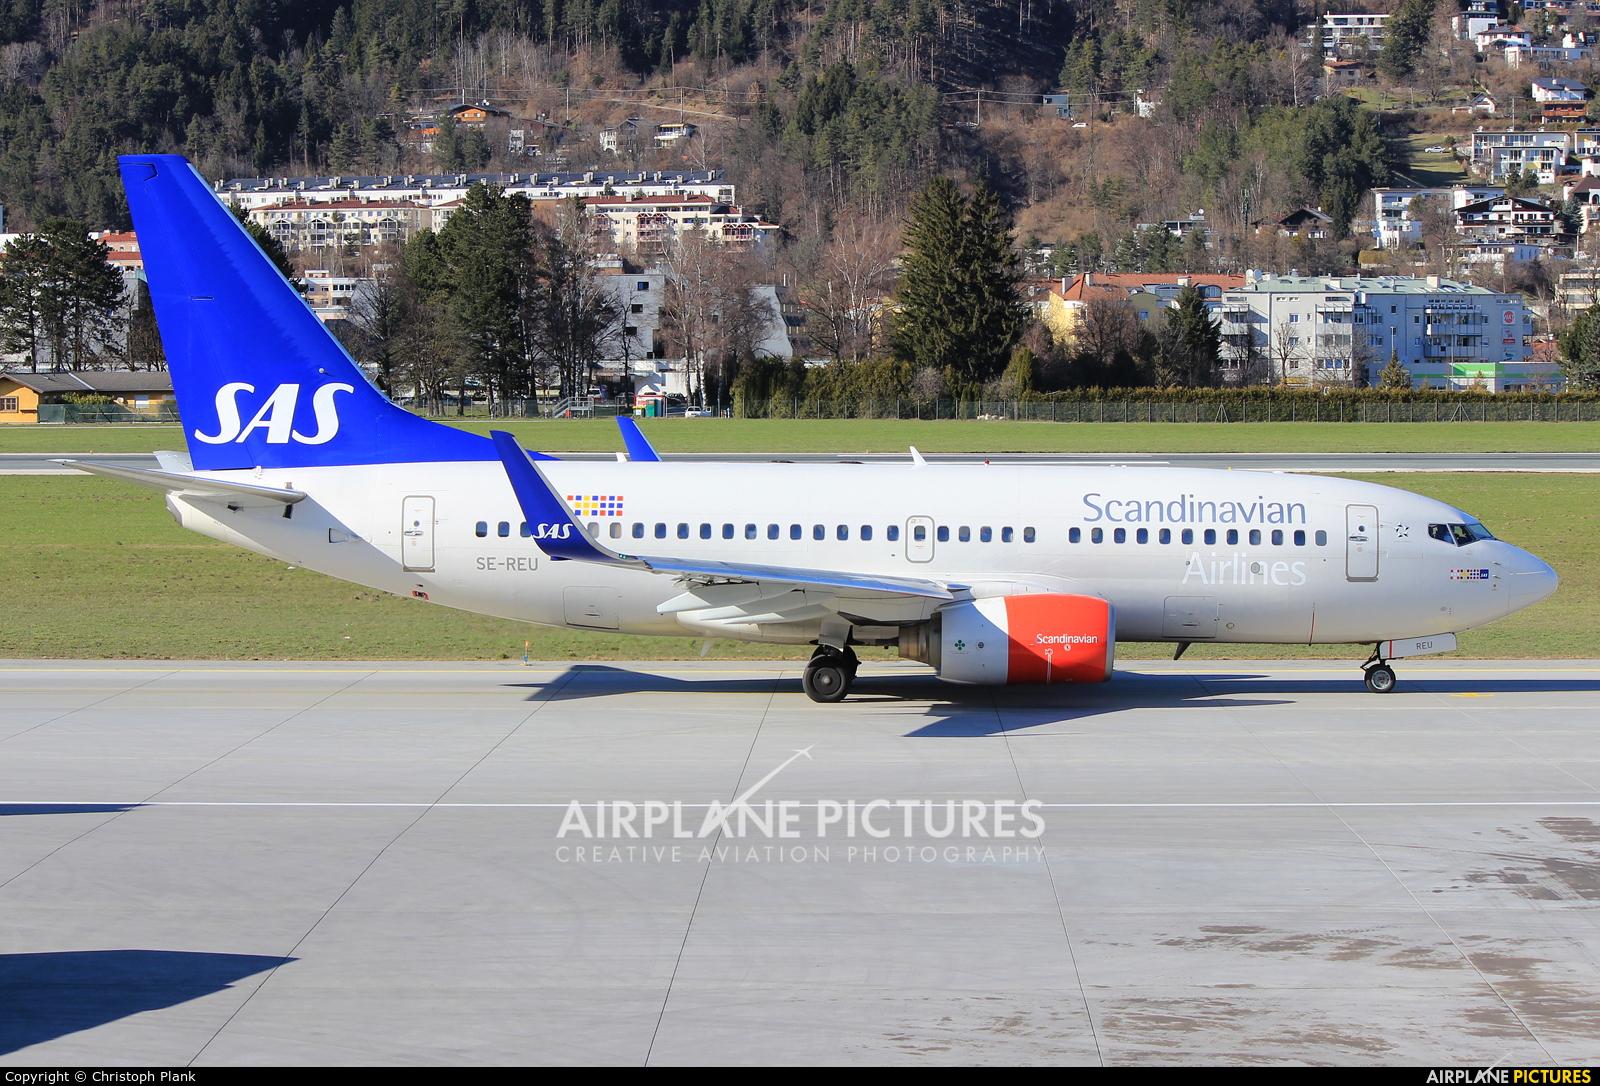 SAS - Scandinavian Airlines SE-REU aircraft at Innsbruck